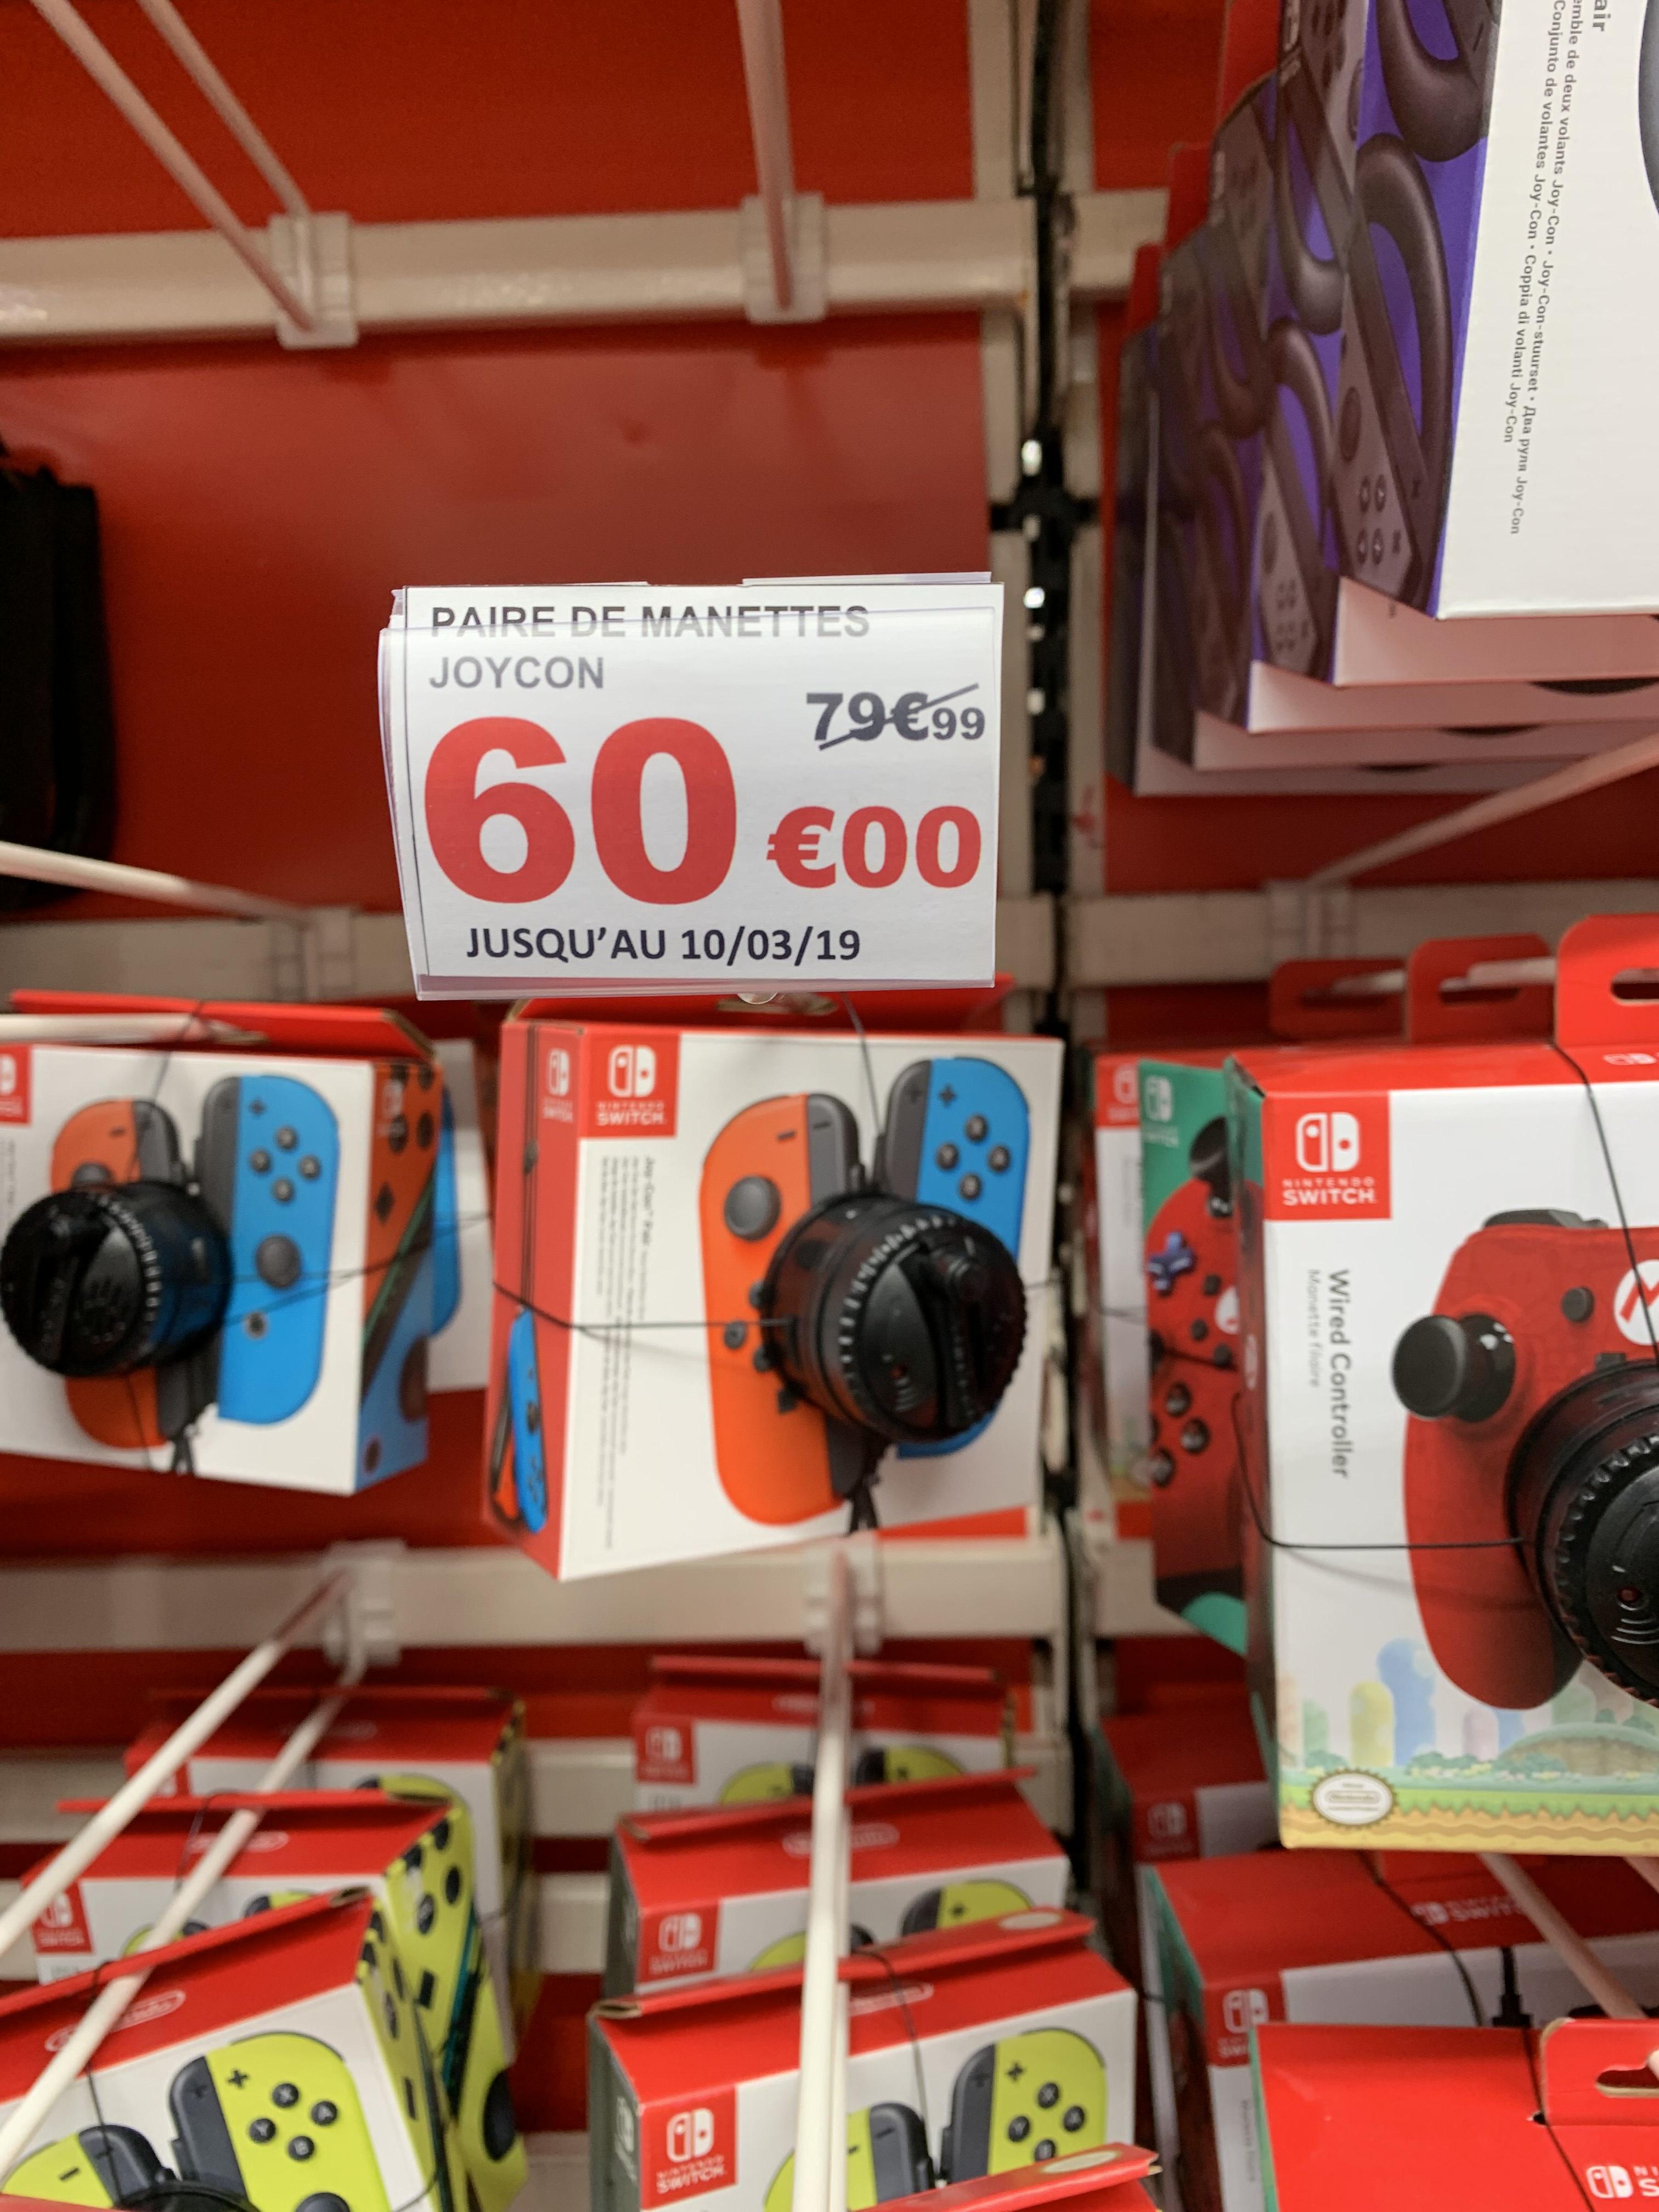 Paire Joycon Neon - Auchan Velizy (78)